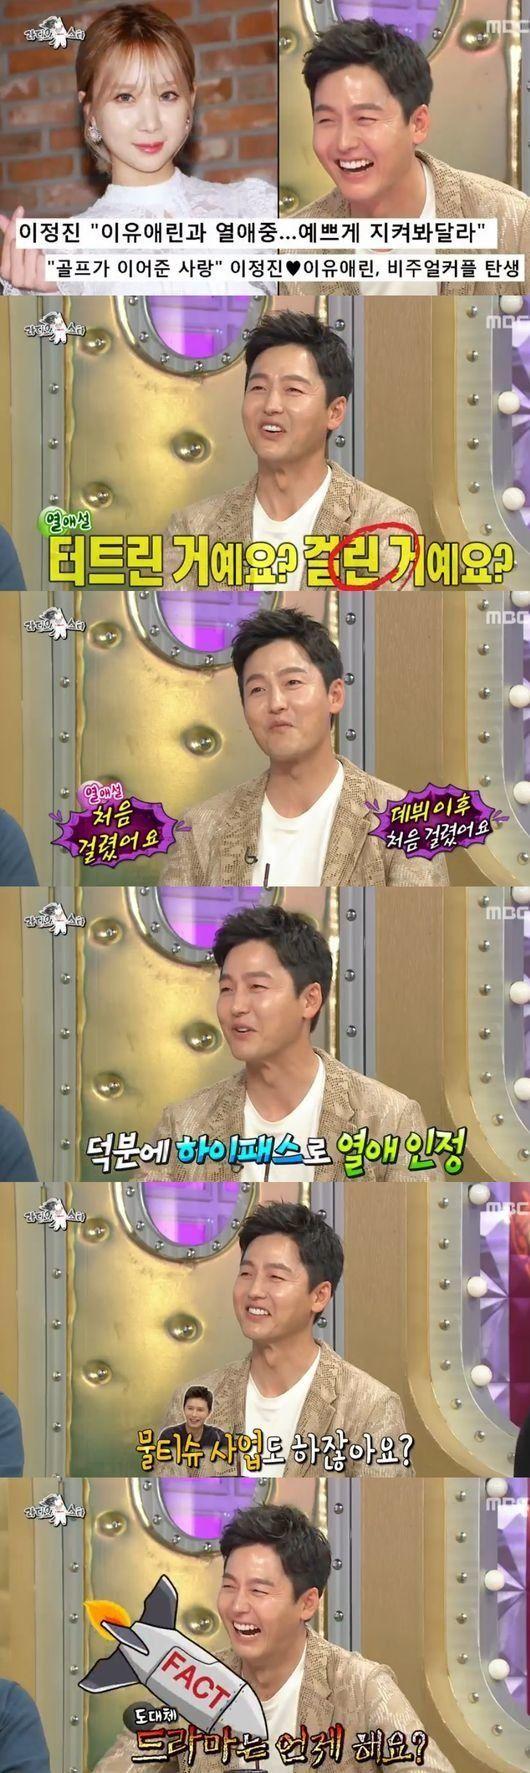 [어저께TV] '이유애린과 ♥'..'라스' 이정진, 재빠른 인정 '쿨한